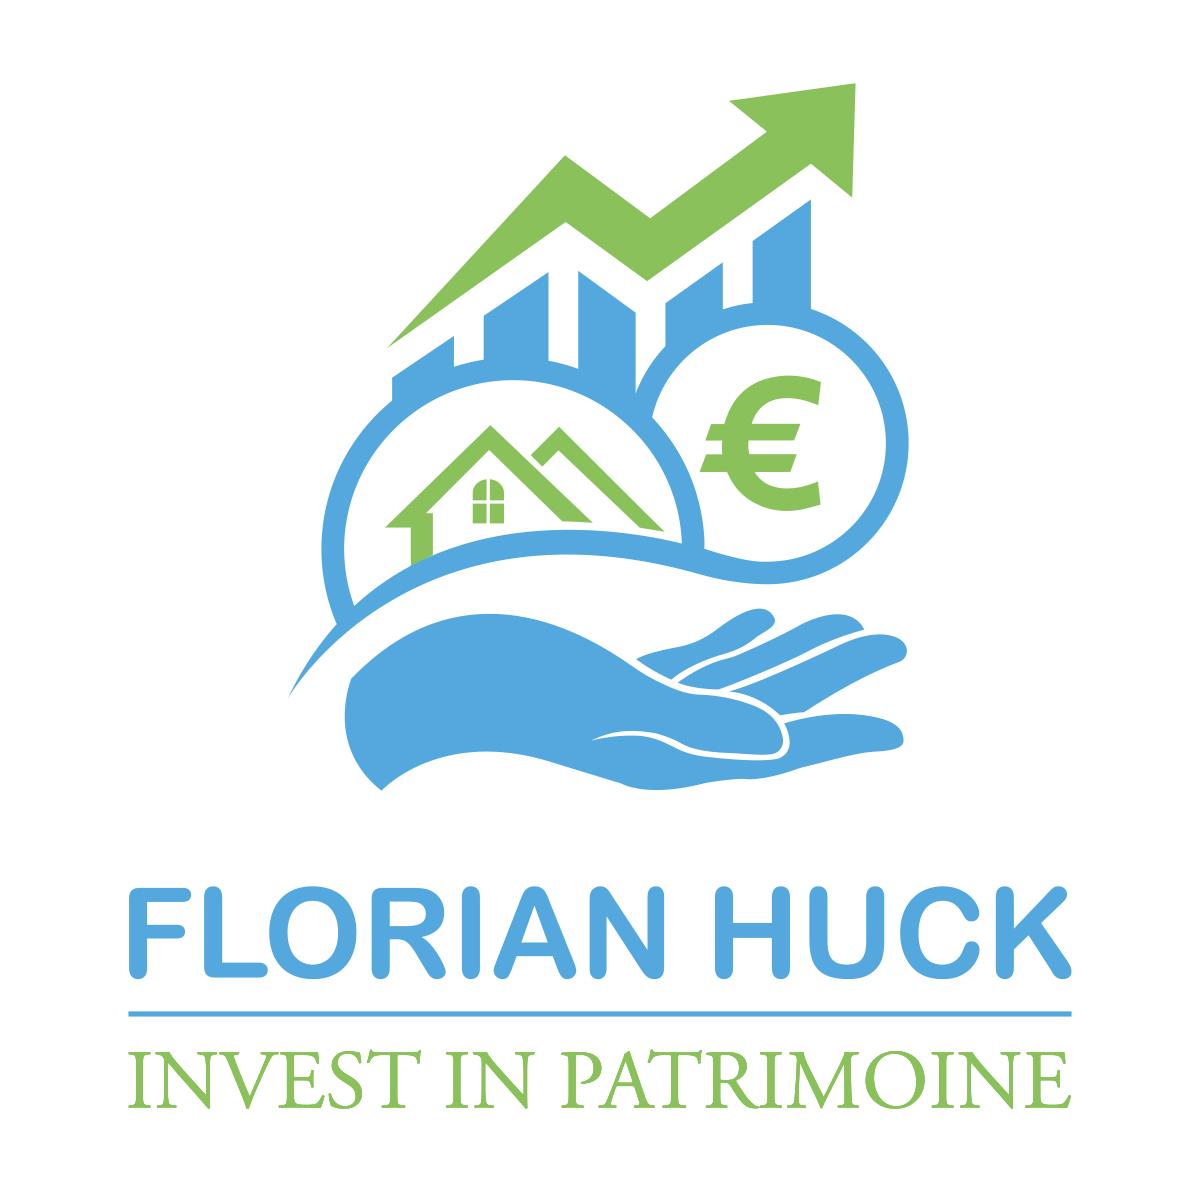 version integrale du logo pour un conseiller en patrimoine immobilier